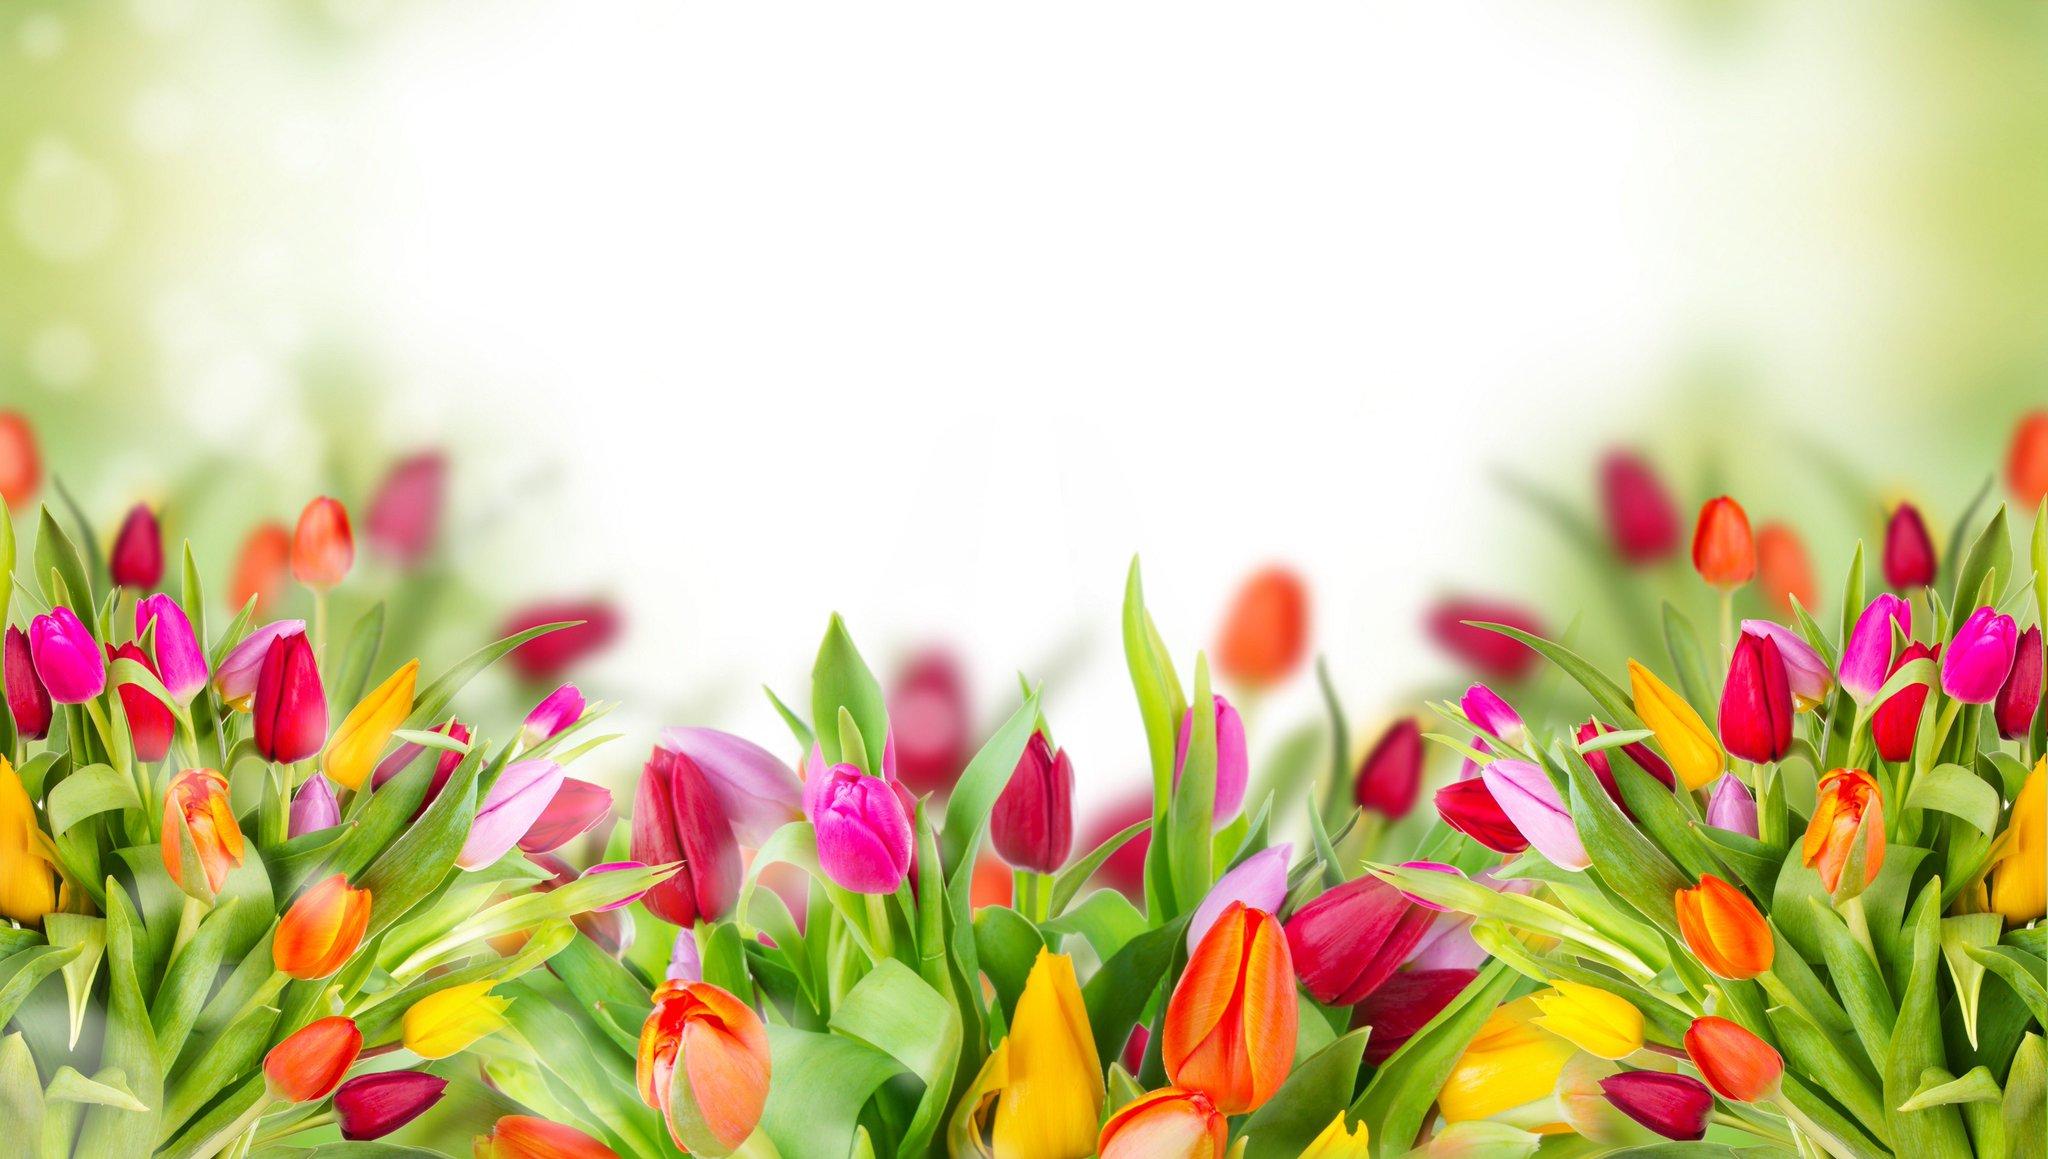 Шаблон для поздравления к 8 марта